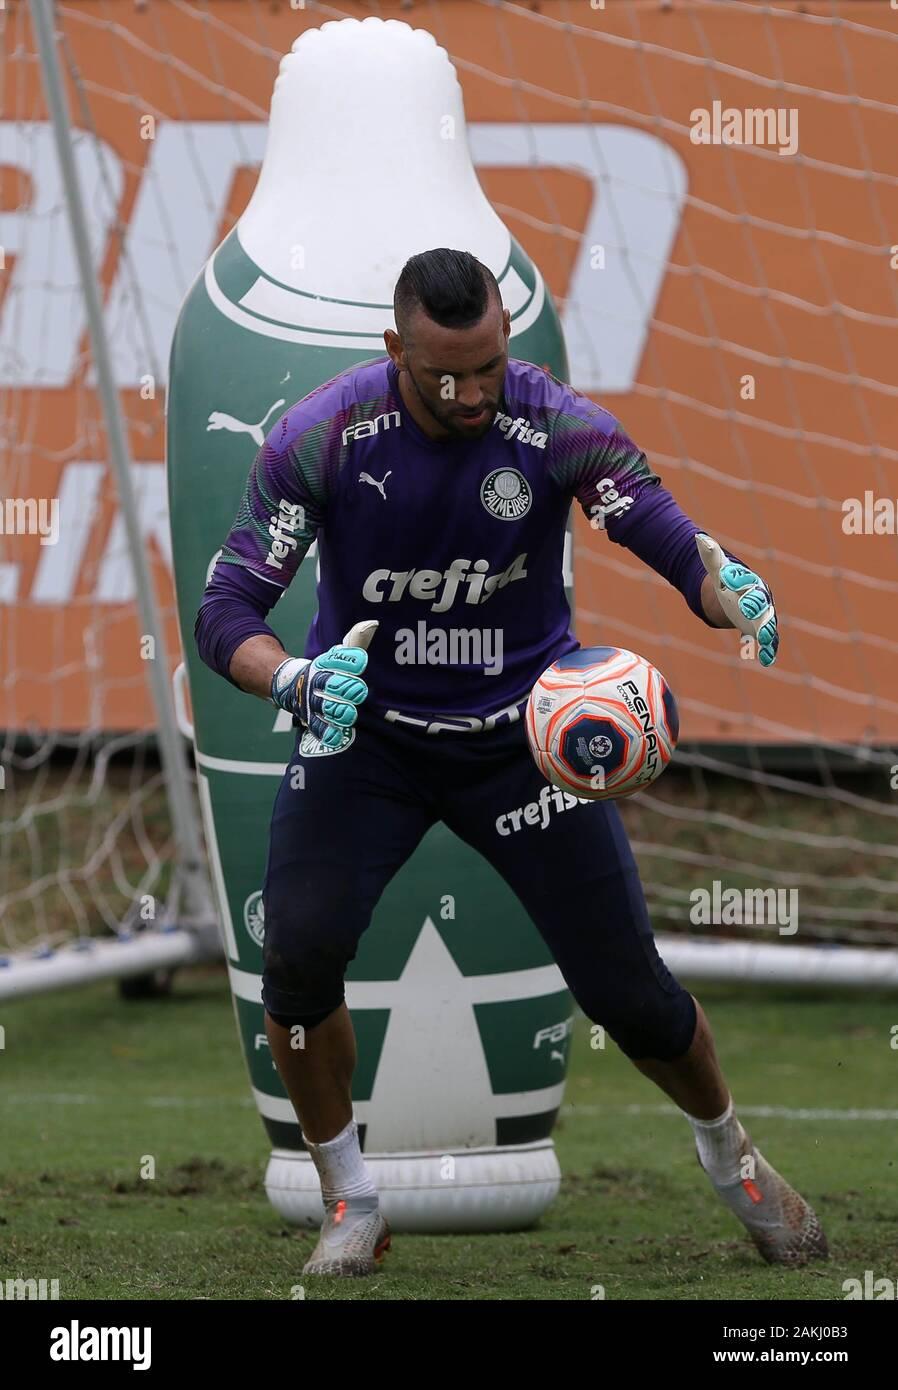 SÃO PAULO, SP - 09.01.2020: TREINO DO PALMEIRAS - SE Palmeiras goalkeeper Weverton during training at the Football Academy. (Photo: Cesar Greco/Fotoarena) Stock Photo